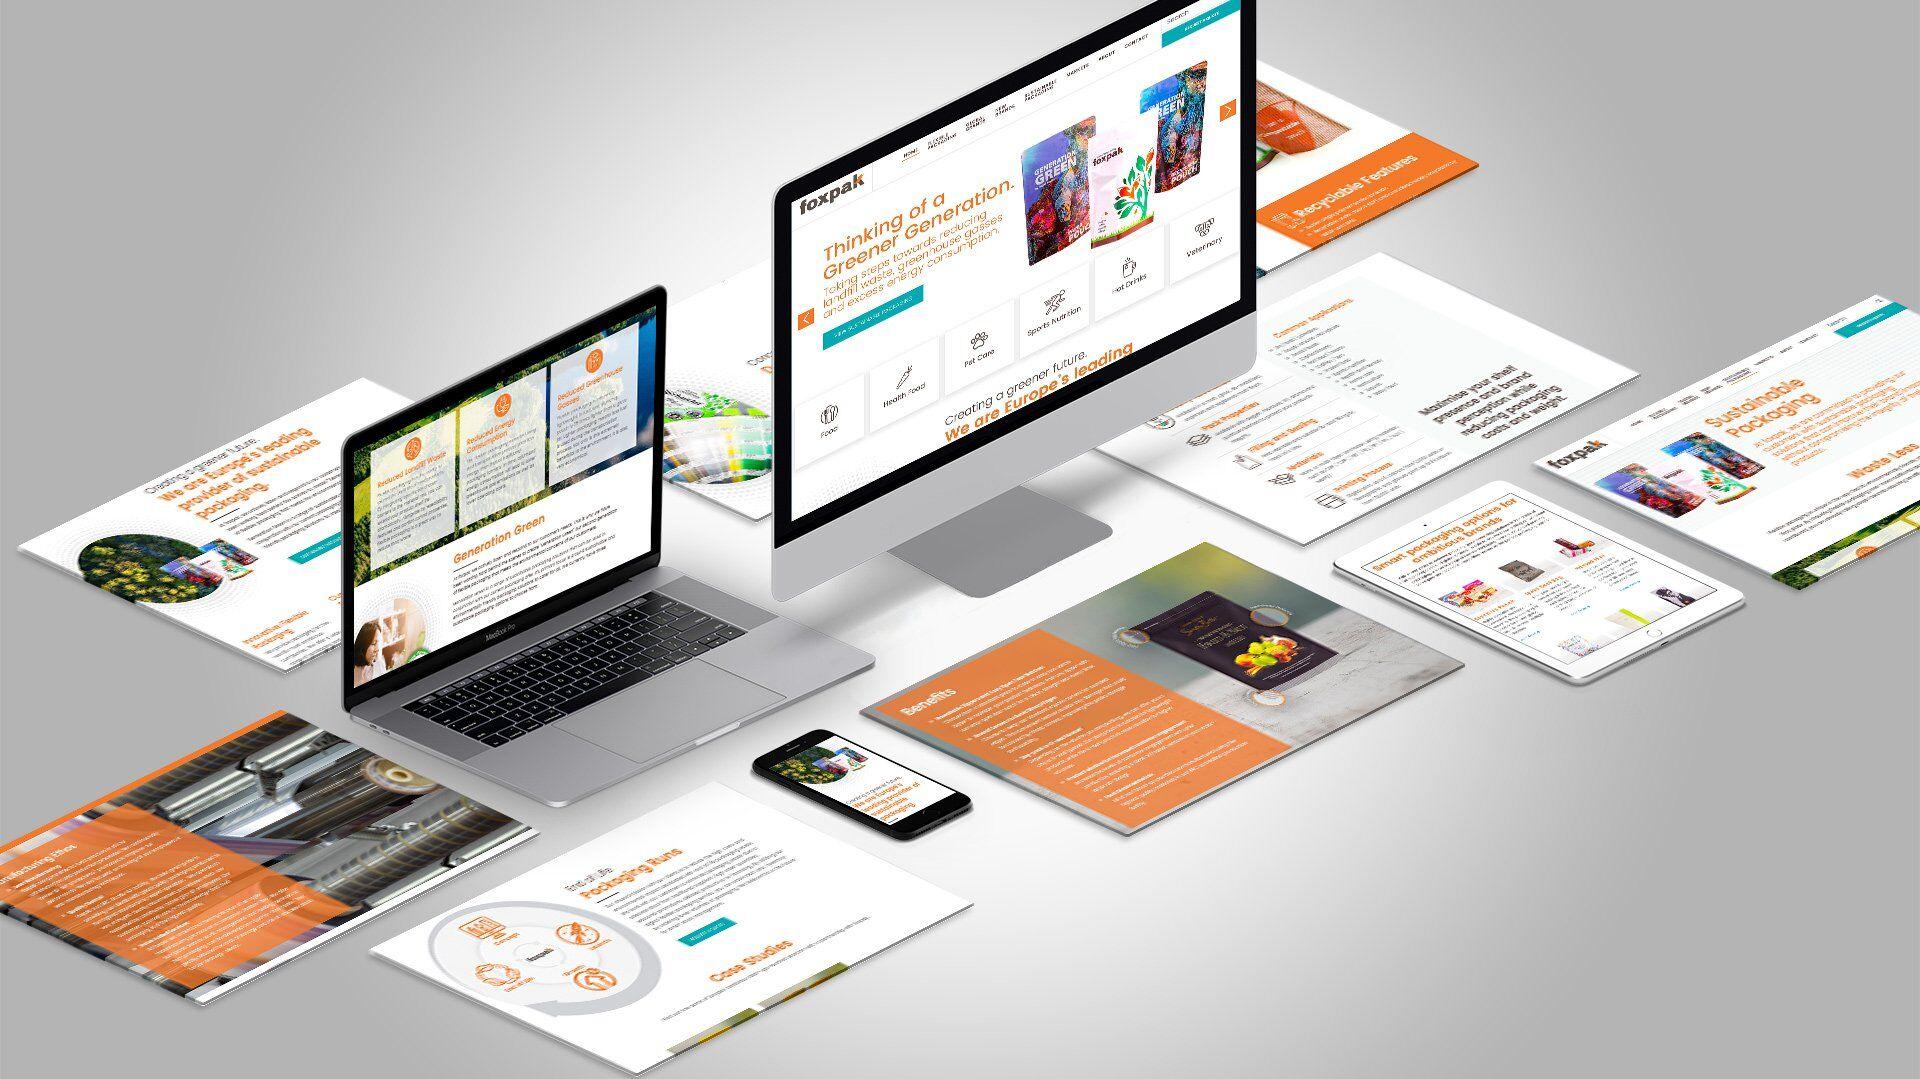 New branding for foxpak flexibles ltd